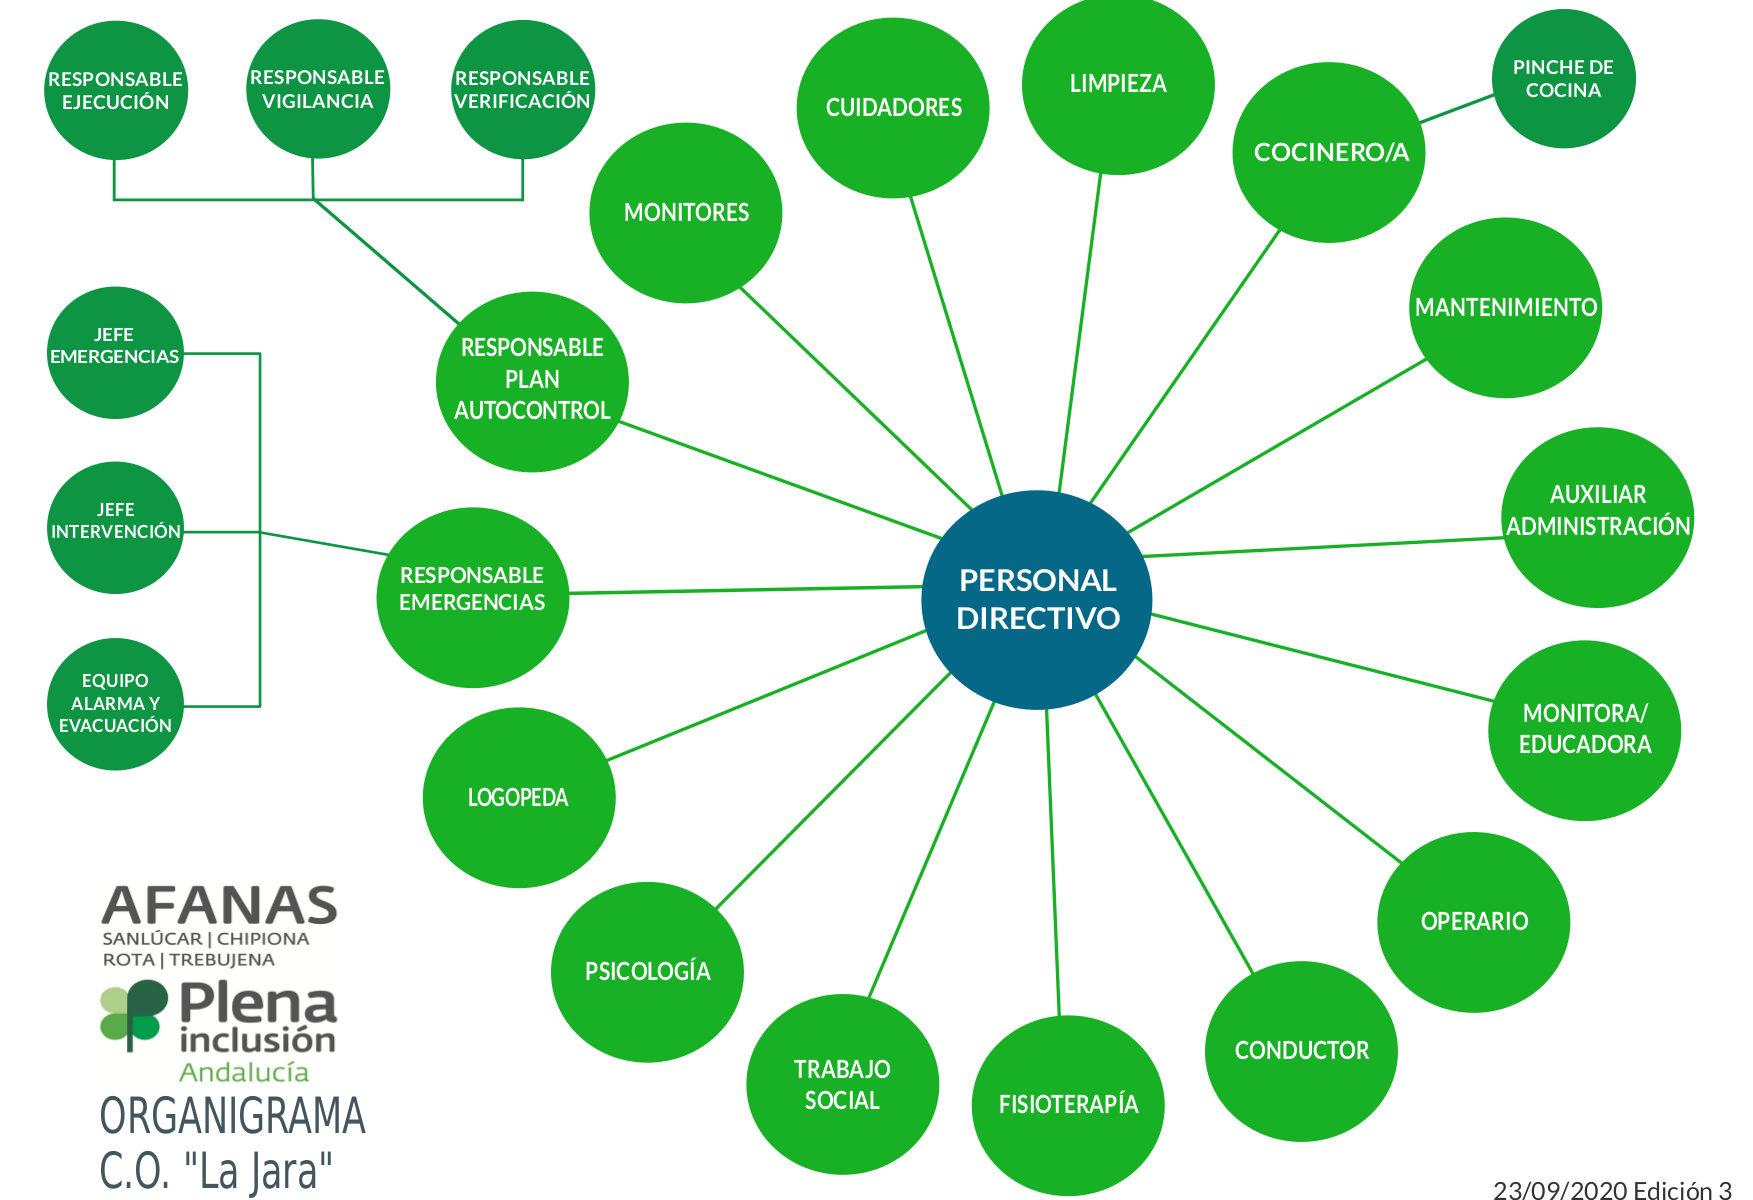 Organigrama Centro Ocupacional de La Jara